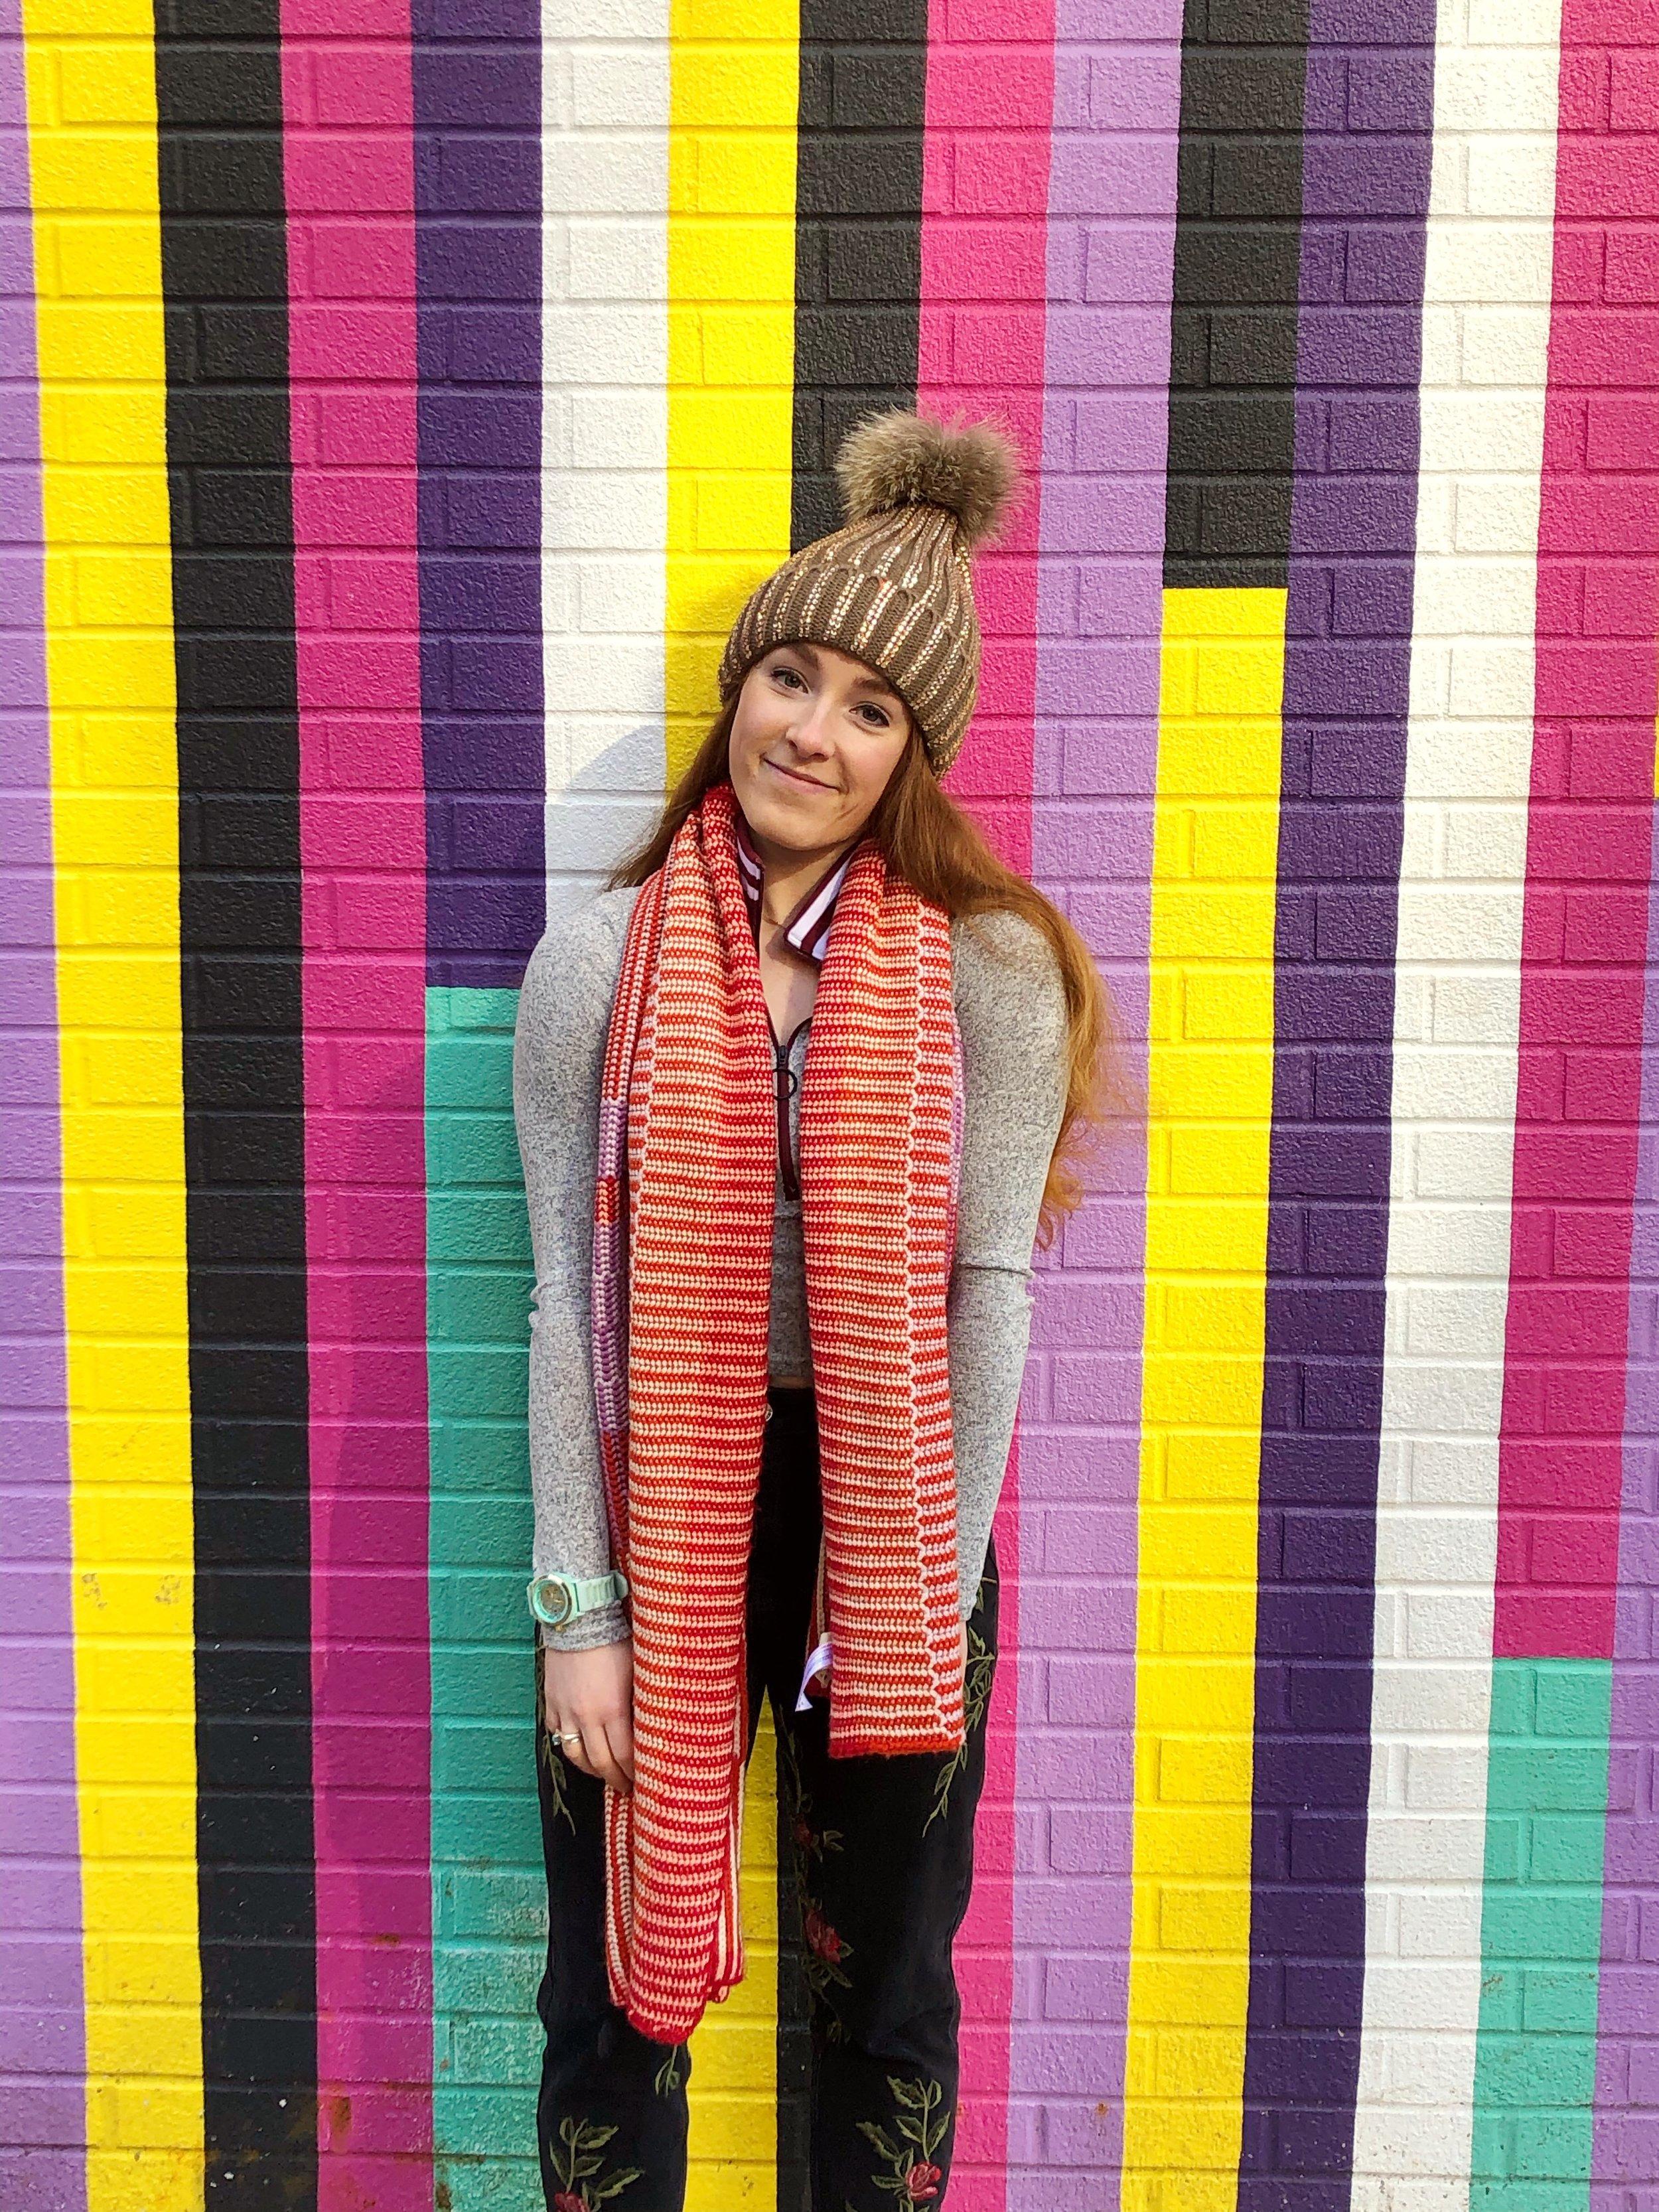 PRISM picture - Savannah Meredith.JPG